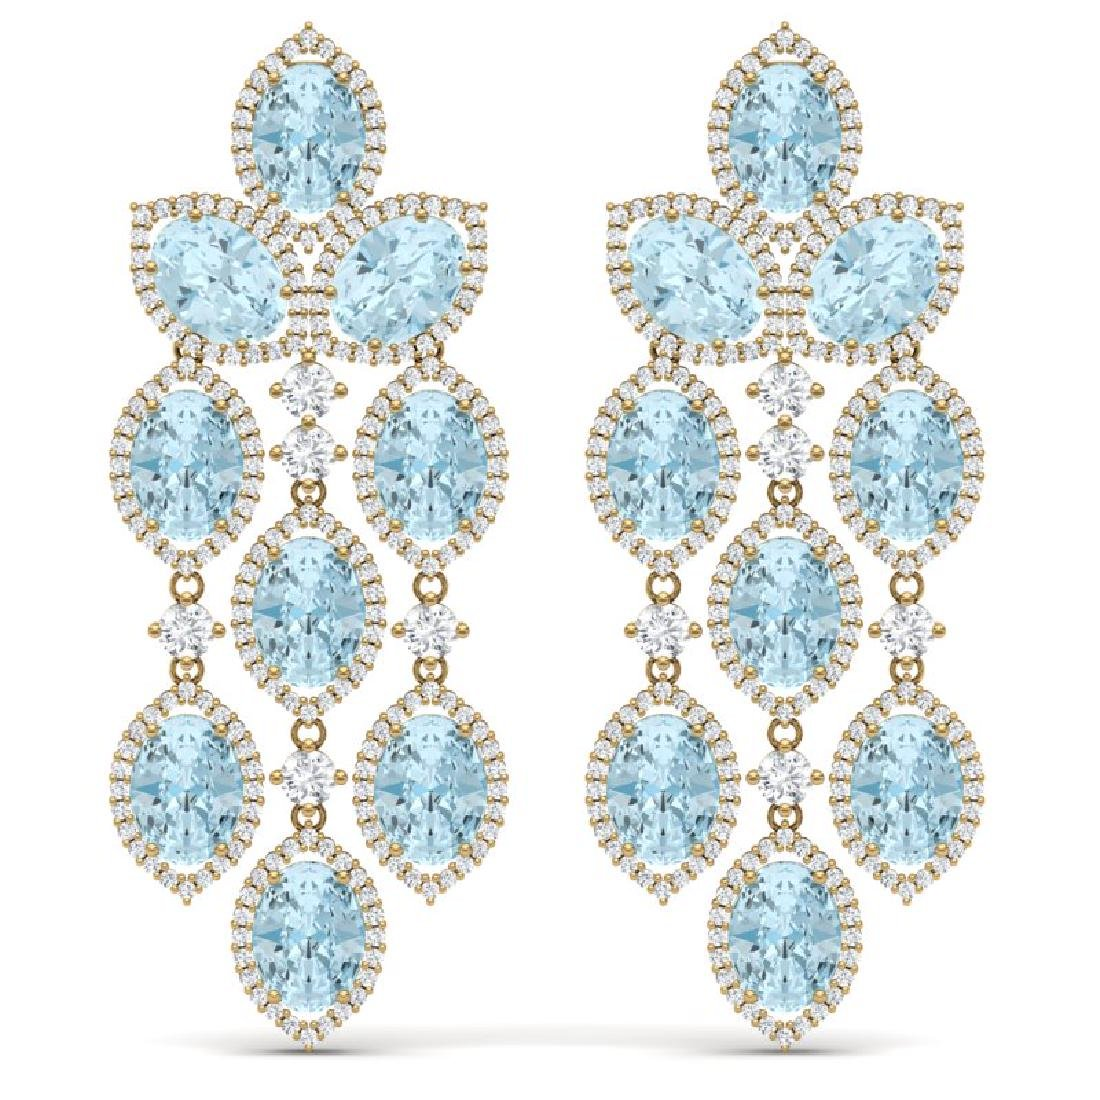 23.76 CTW Royalty Sky Topaz & VS Diamond Earrings 18K